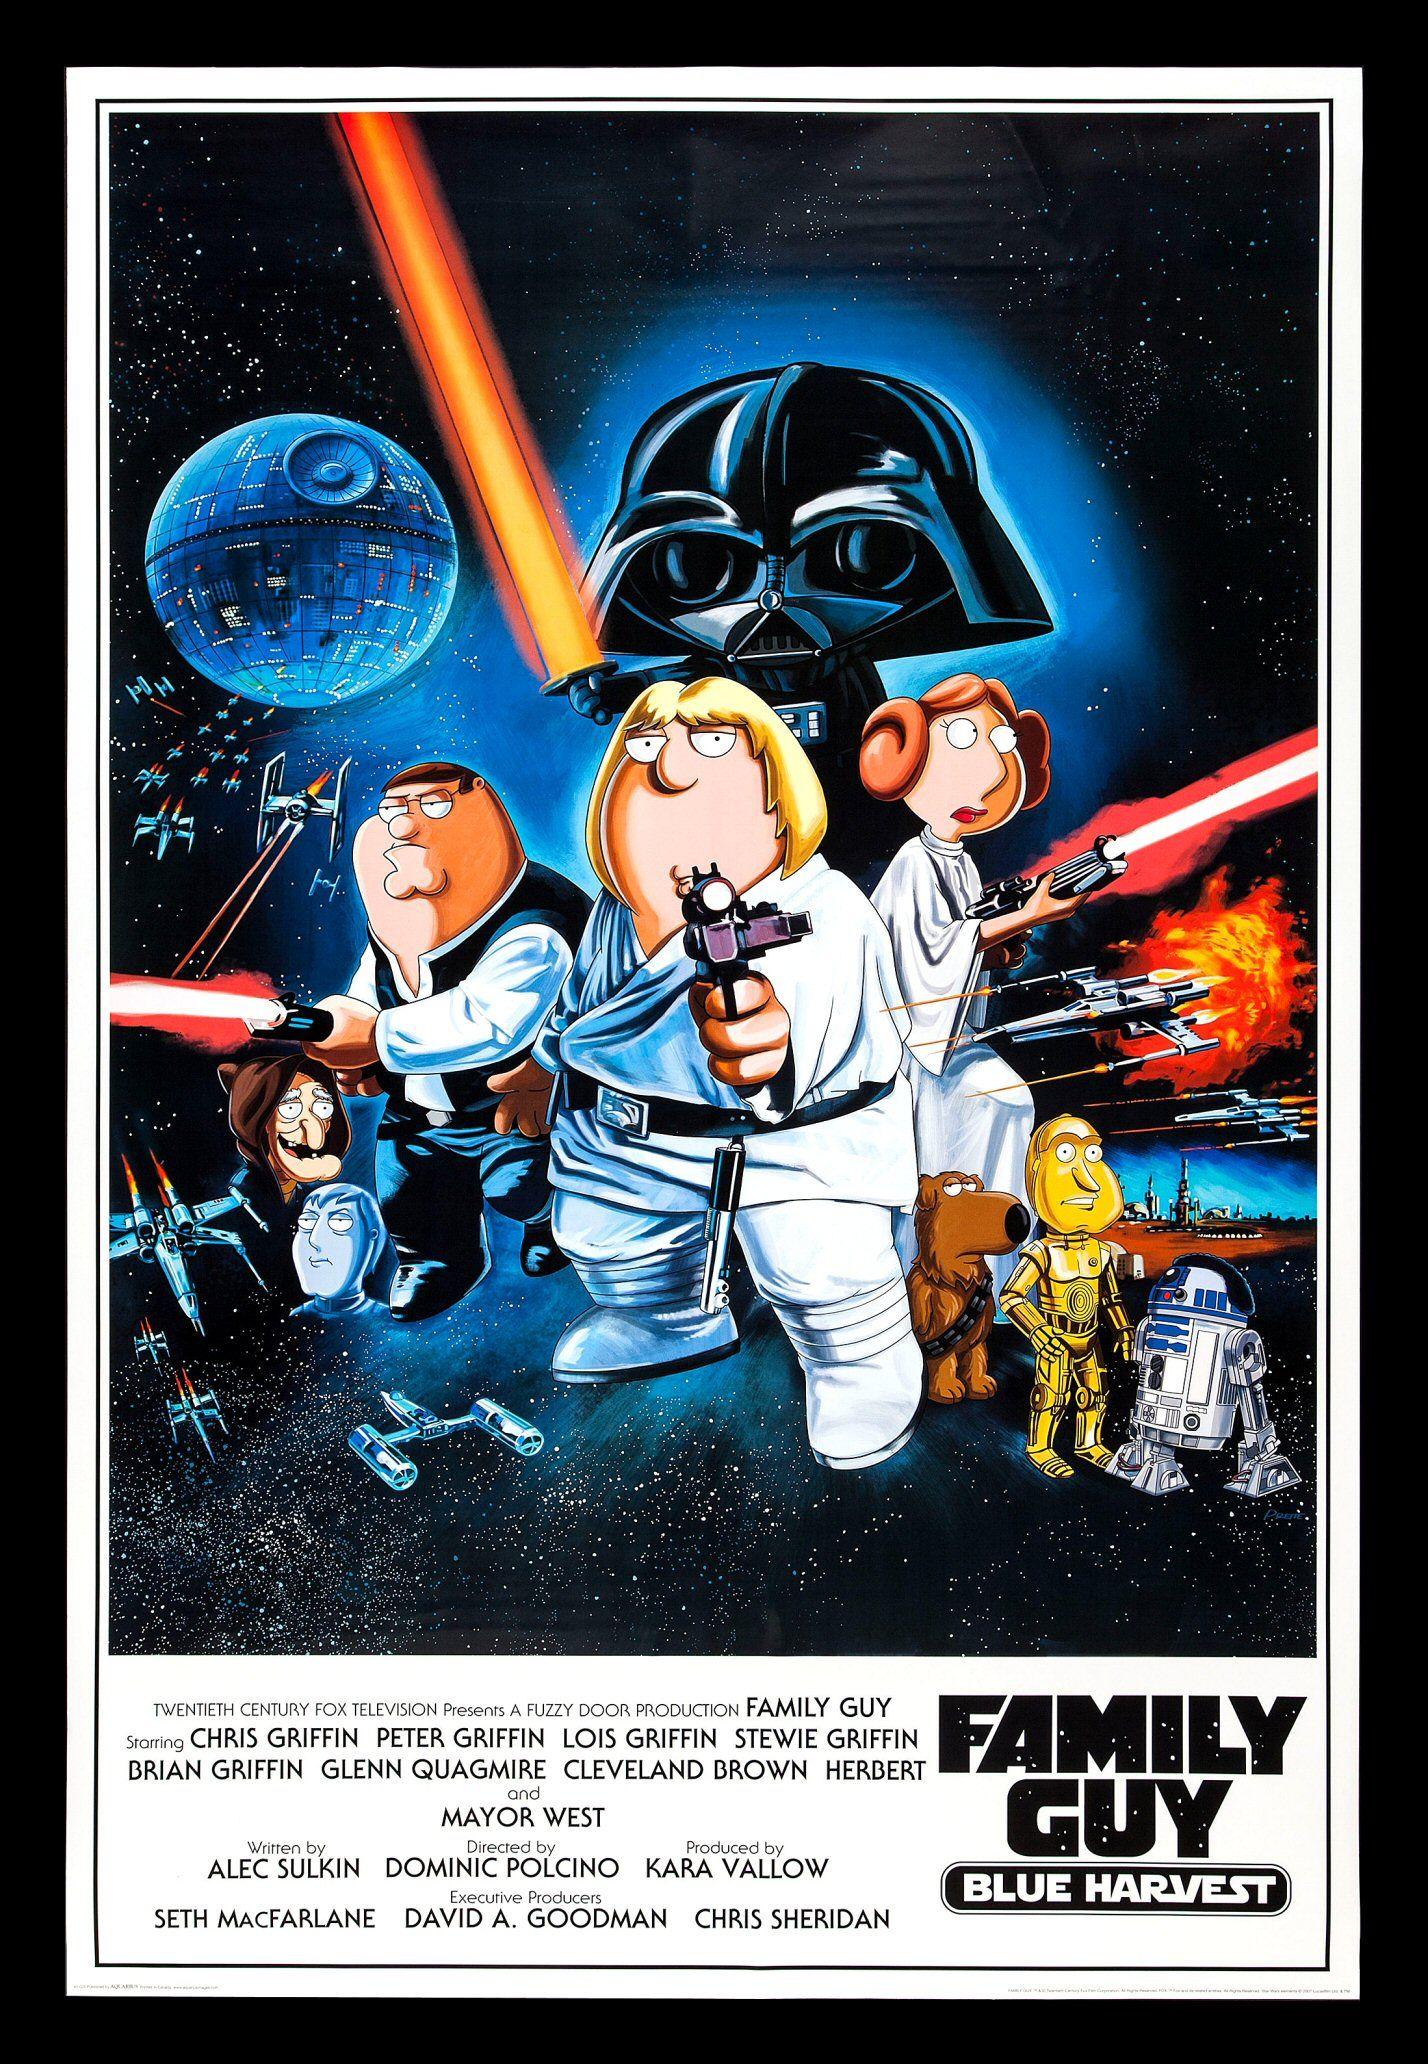 1112015 Family Guy Blue Harvest (2007) Star wars